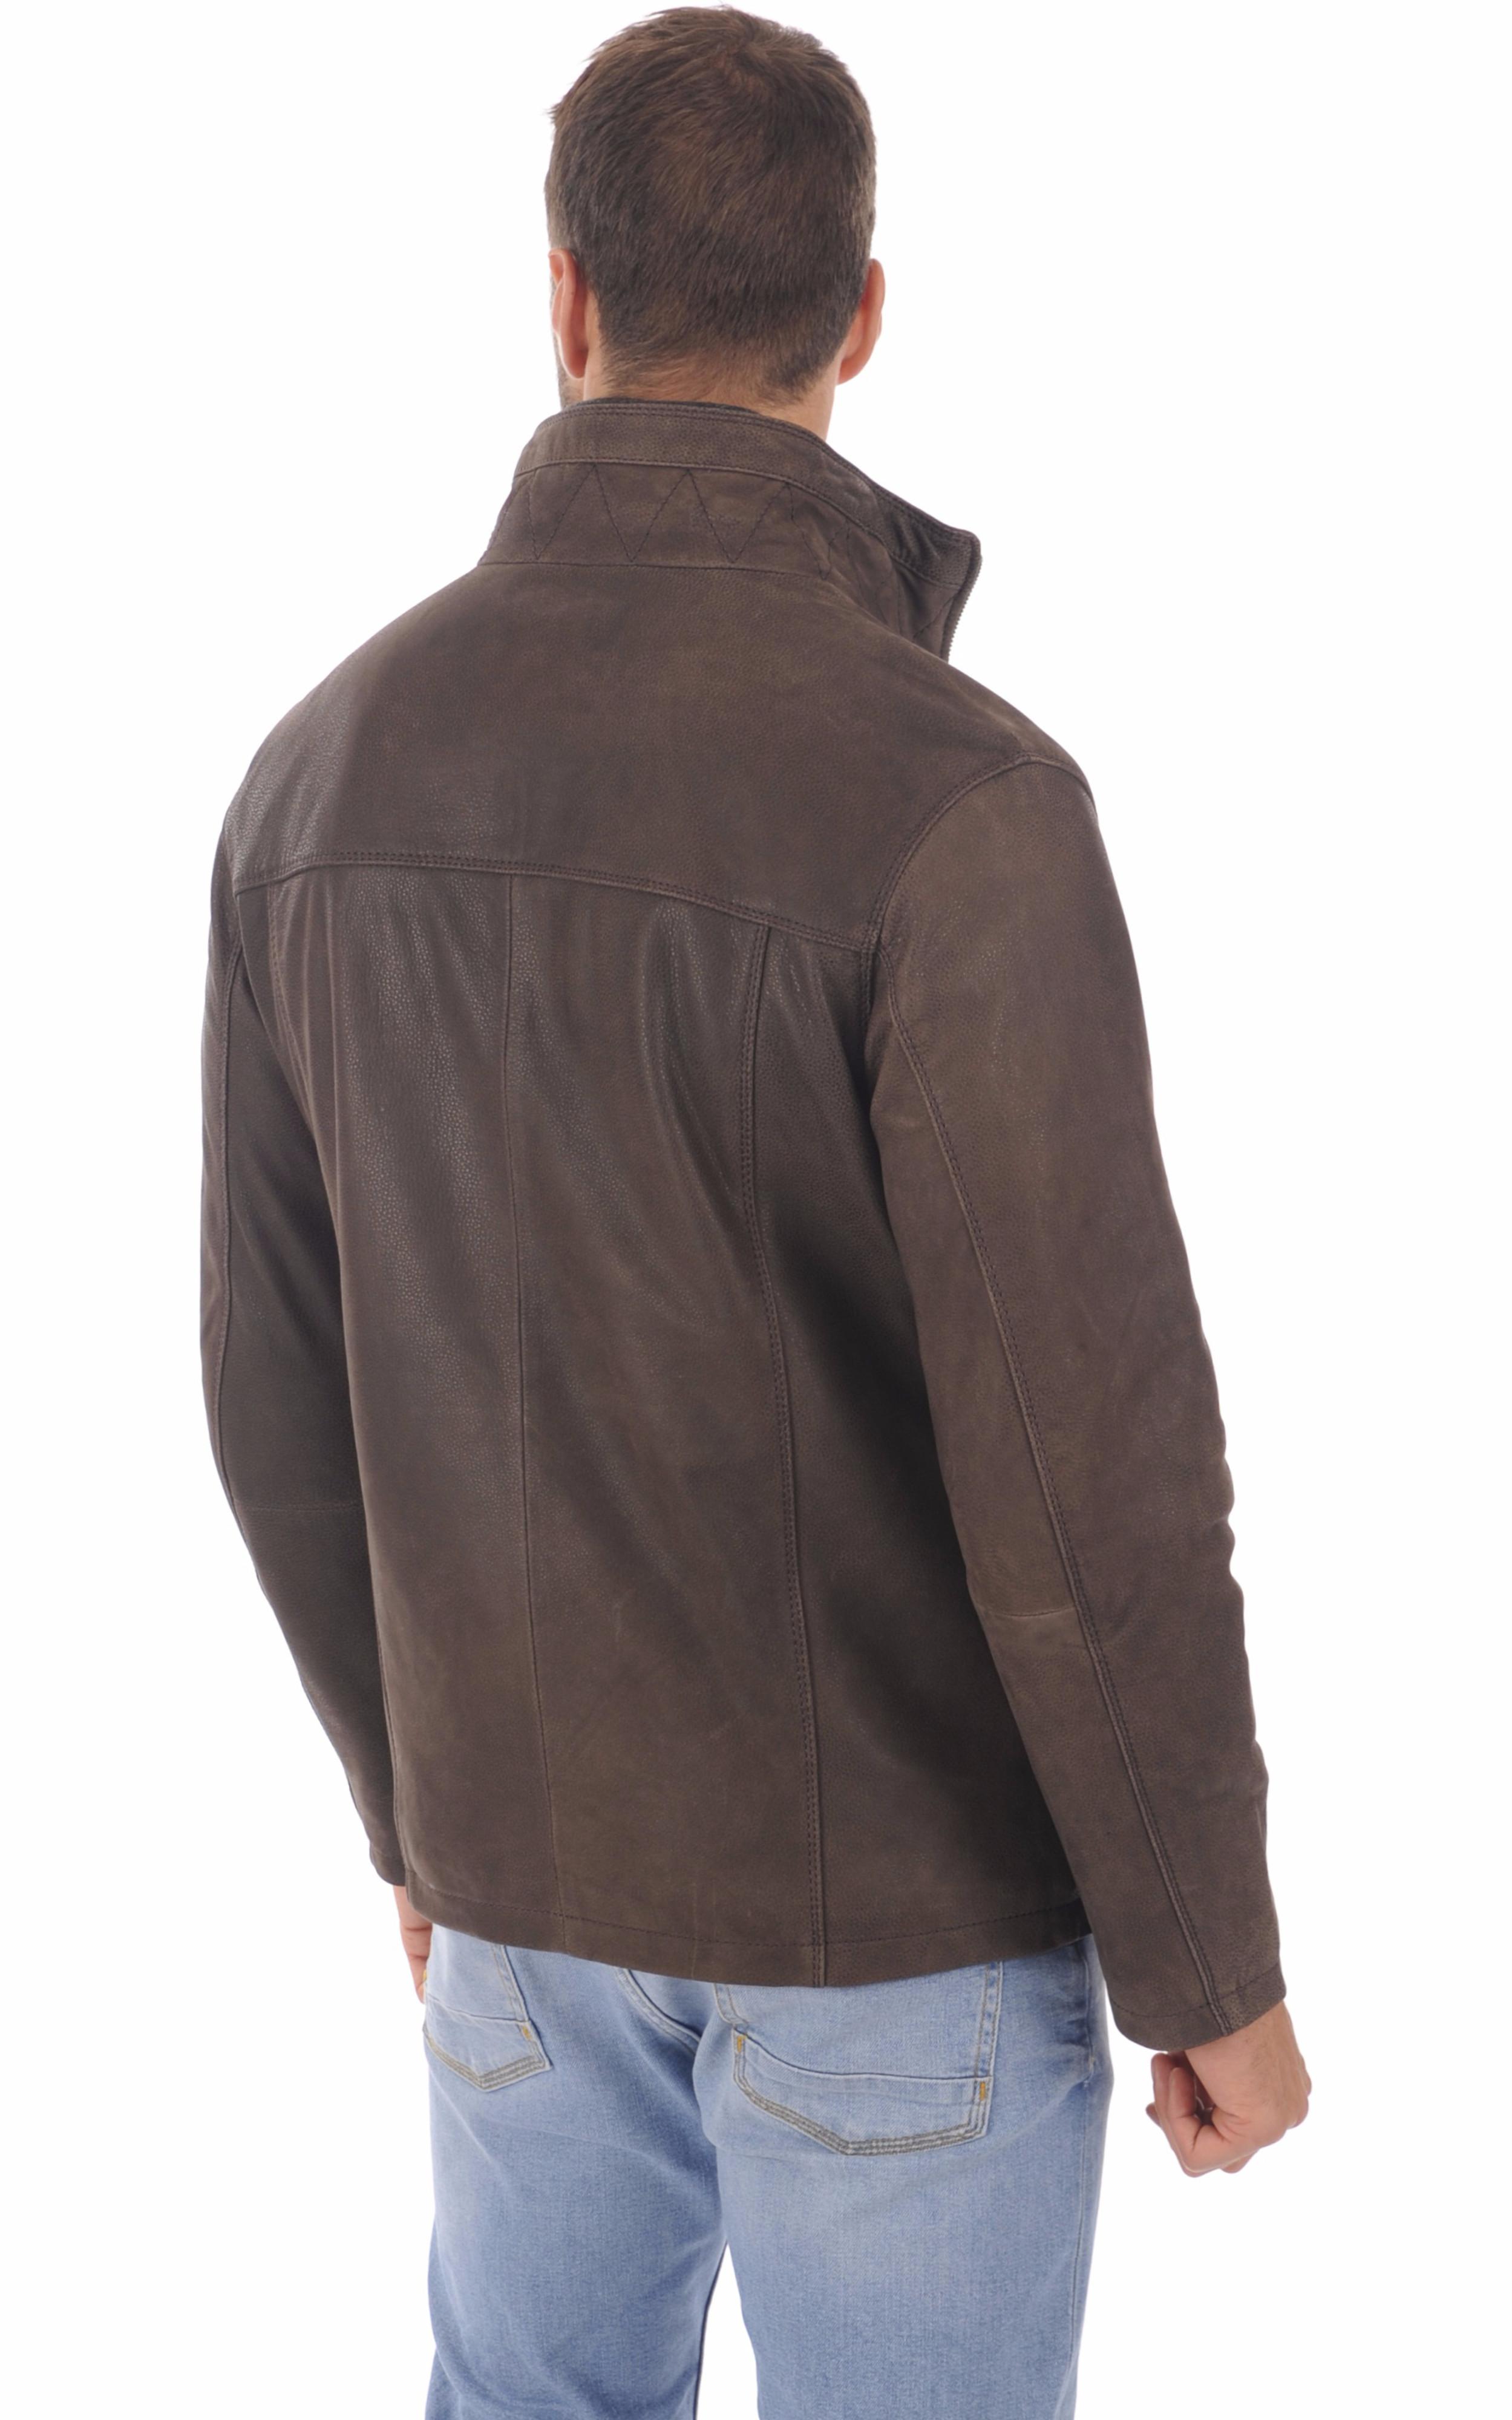 Veste cuir marron foncé homme Smarty